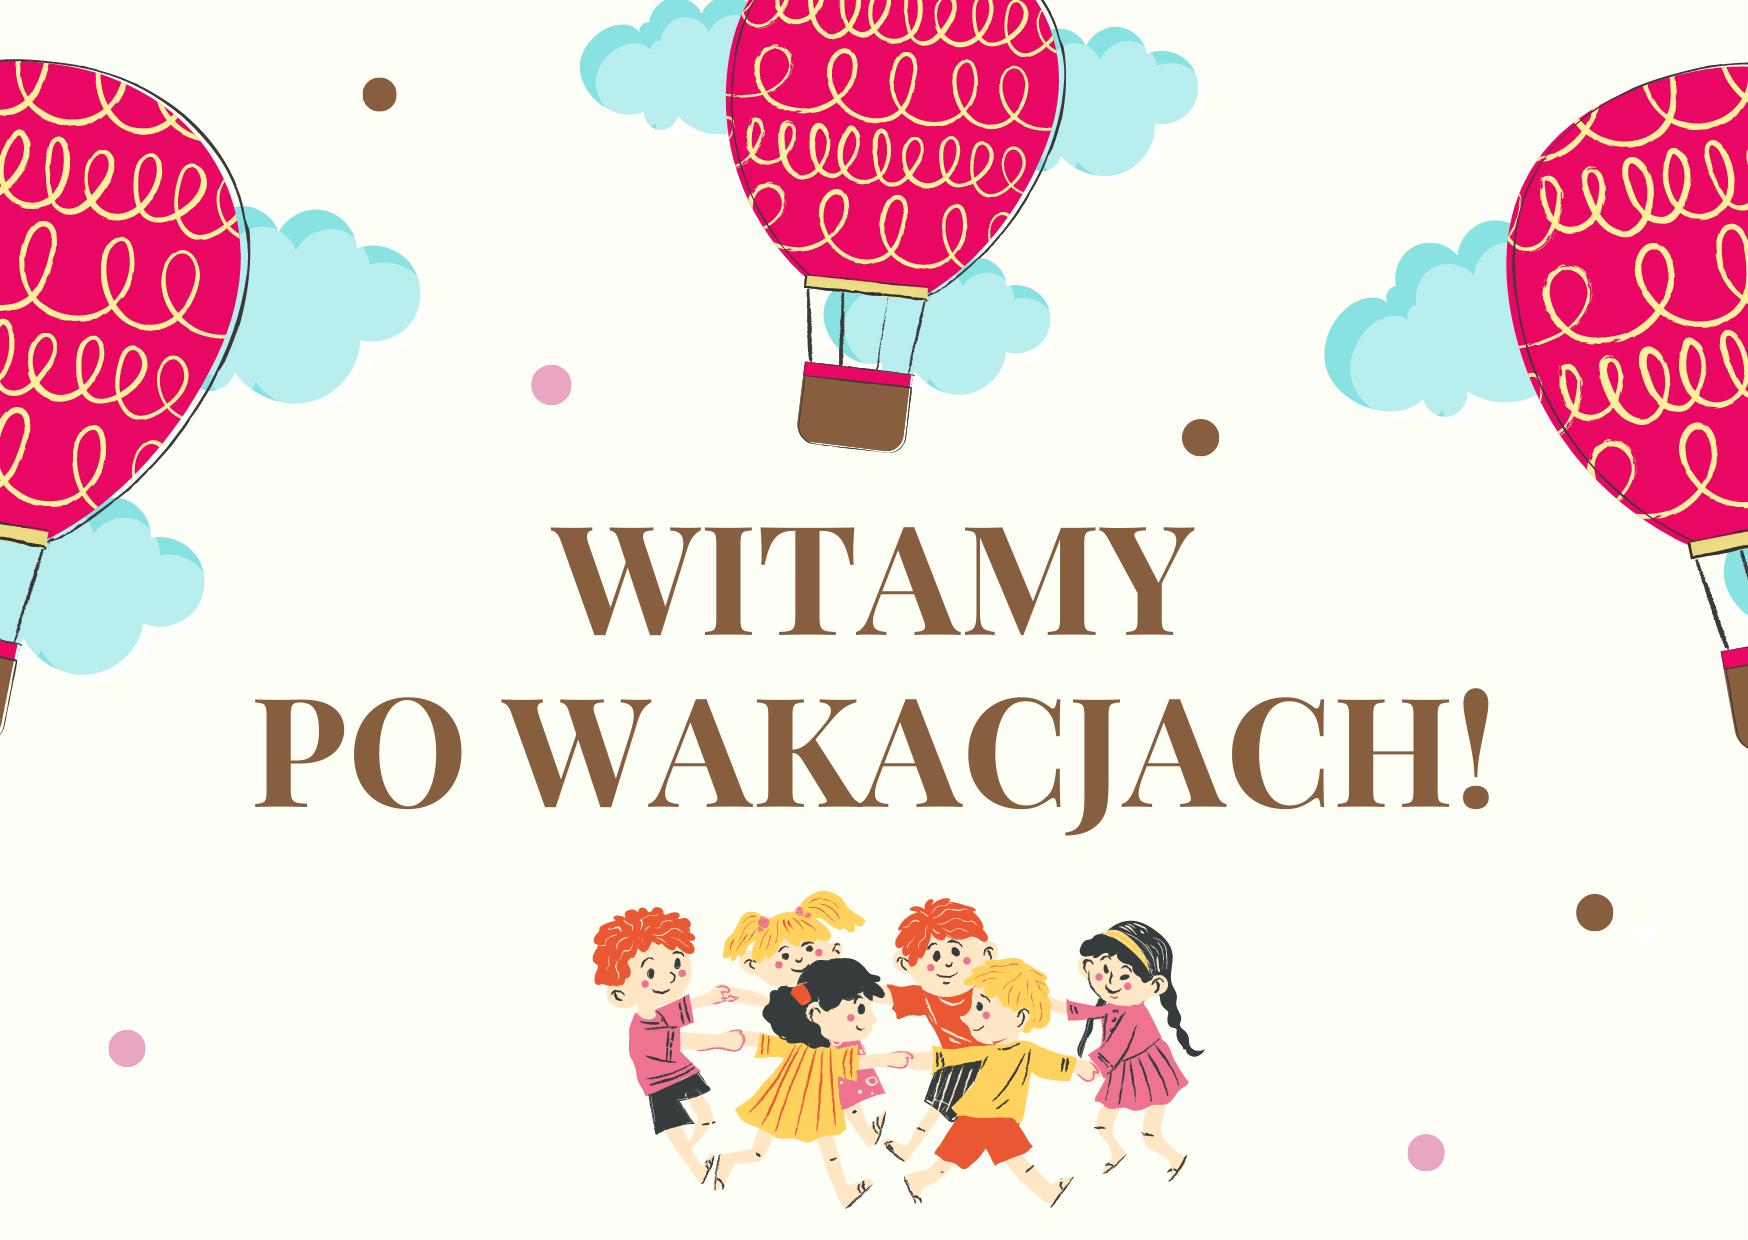 WITAMY PO WAKACJACH